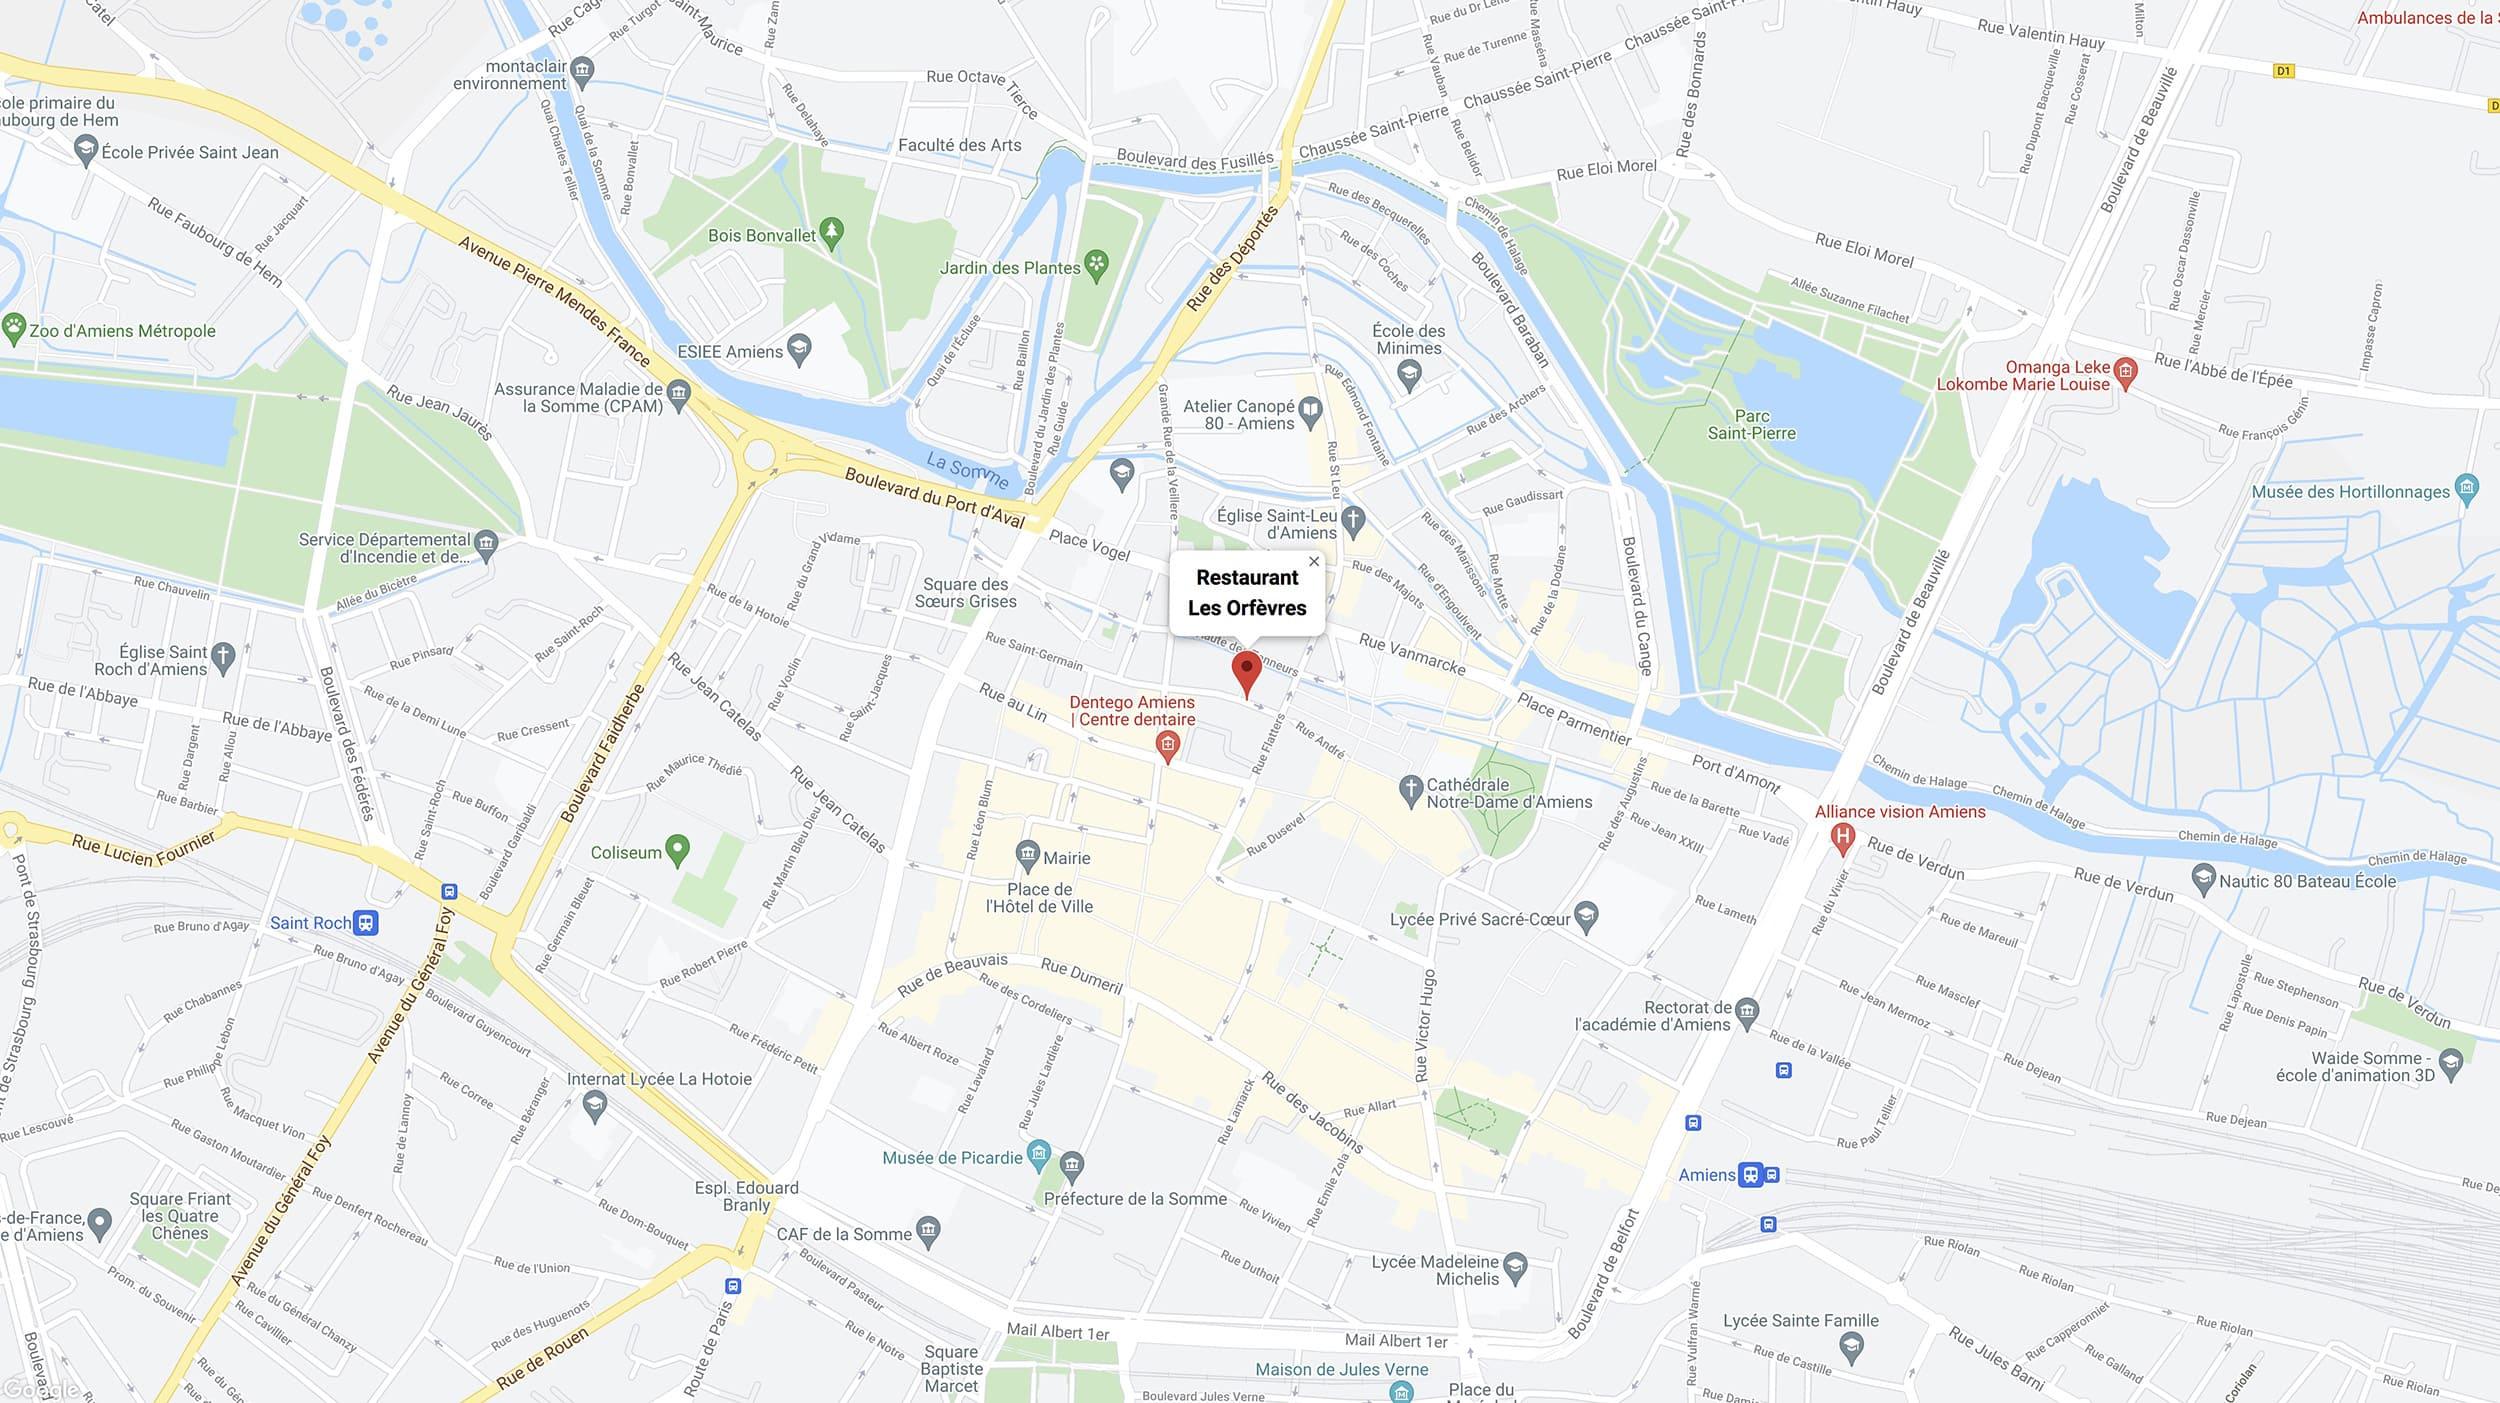 Les Orfèvres- Map · Restaurant Centre Ville d'Amiens